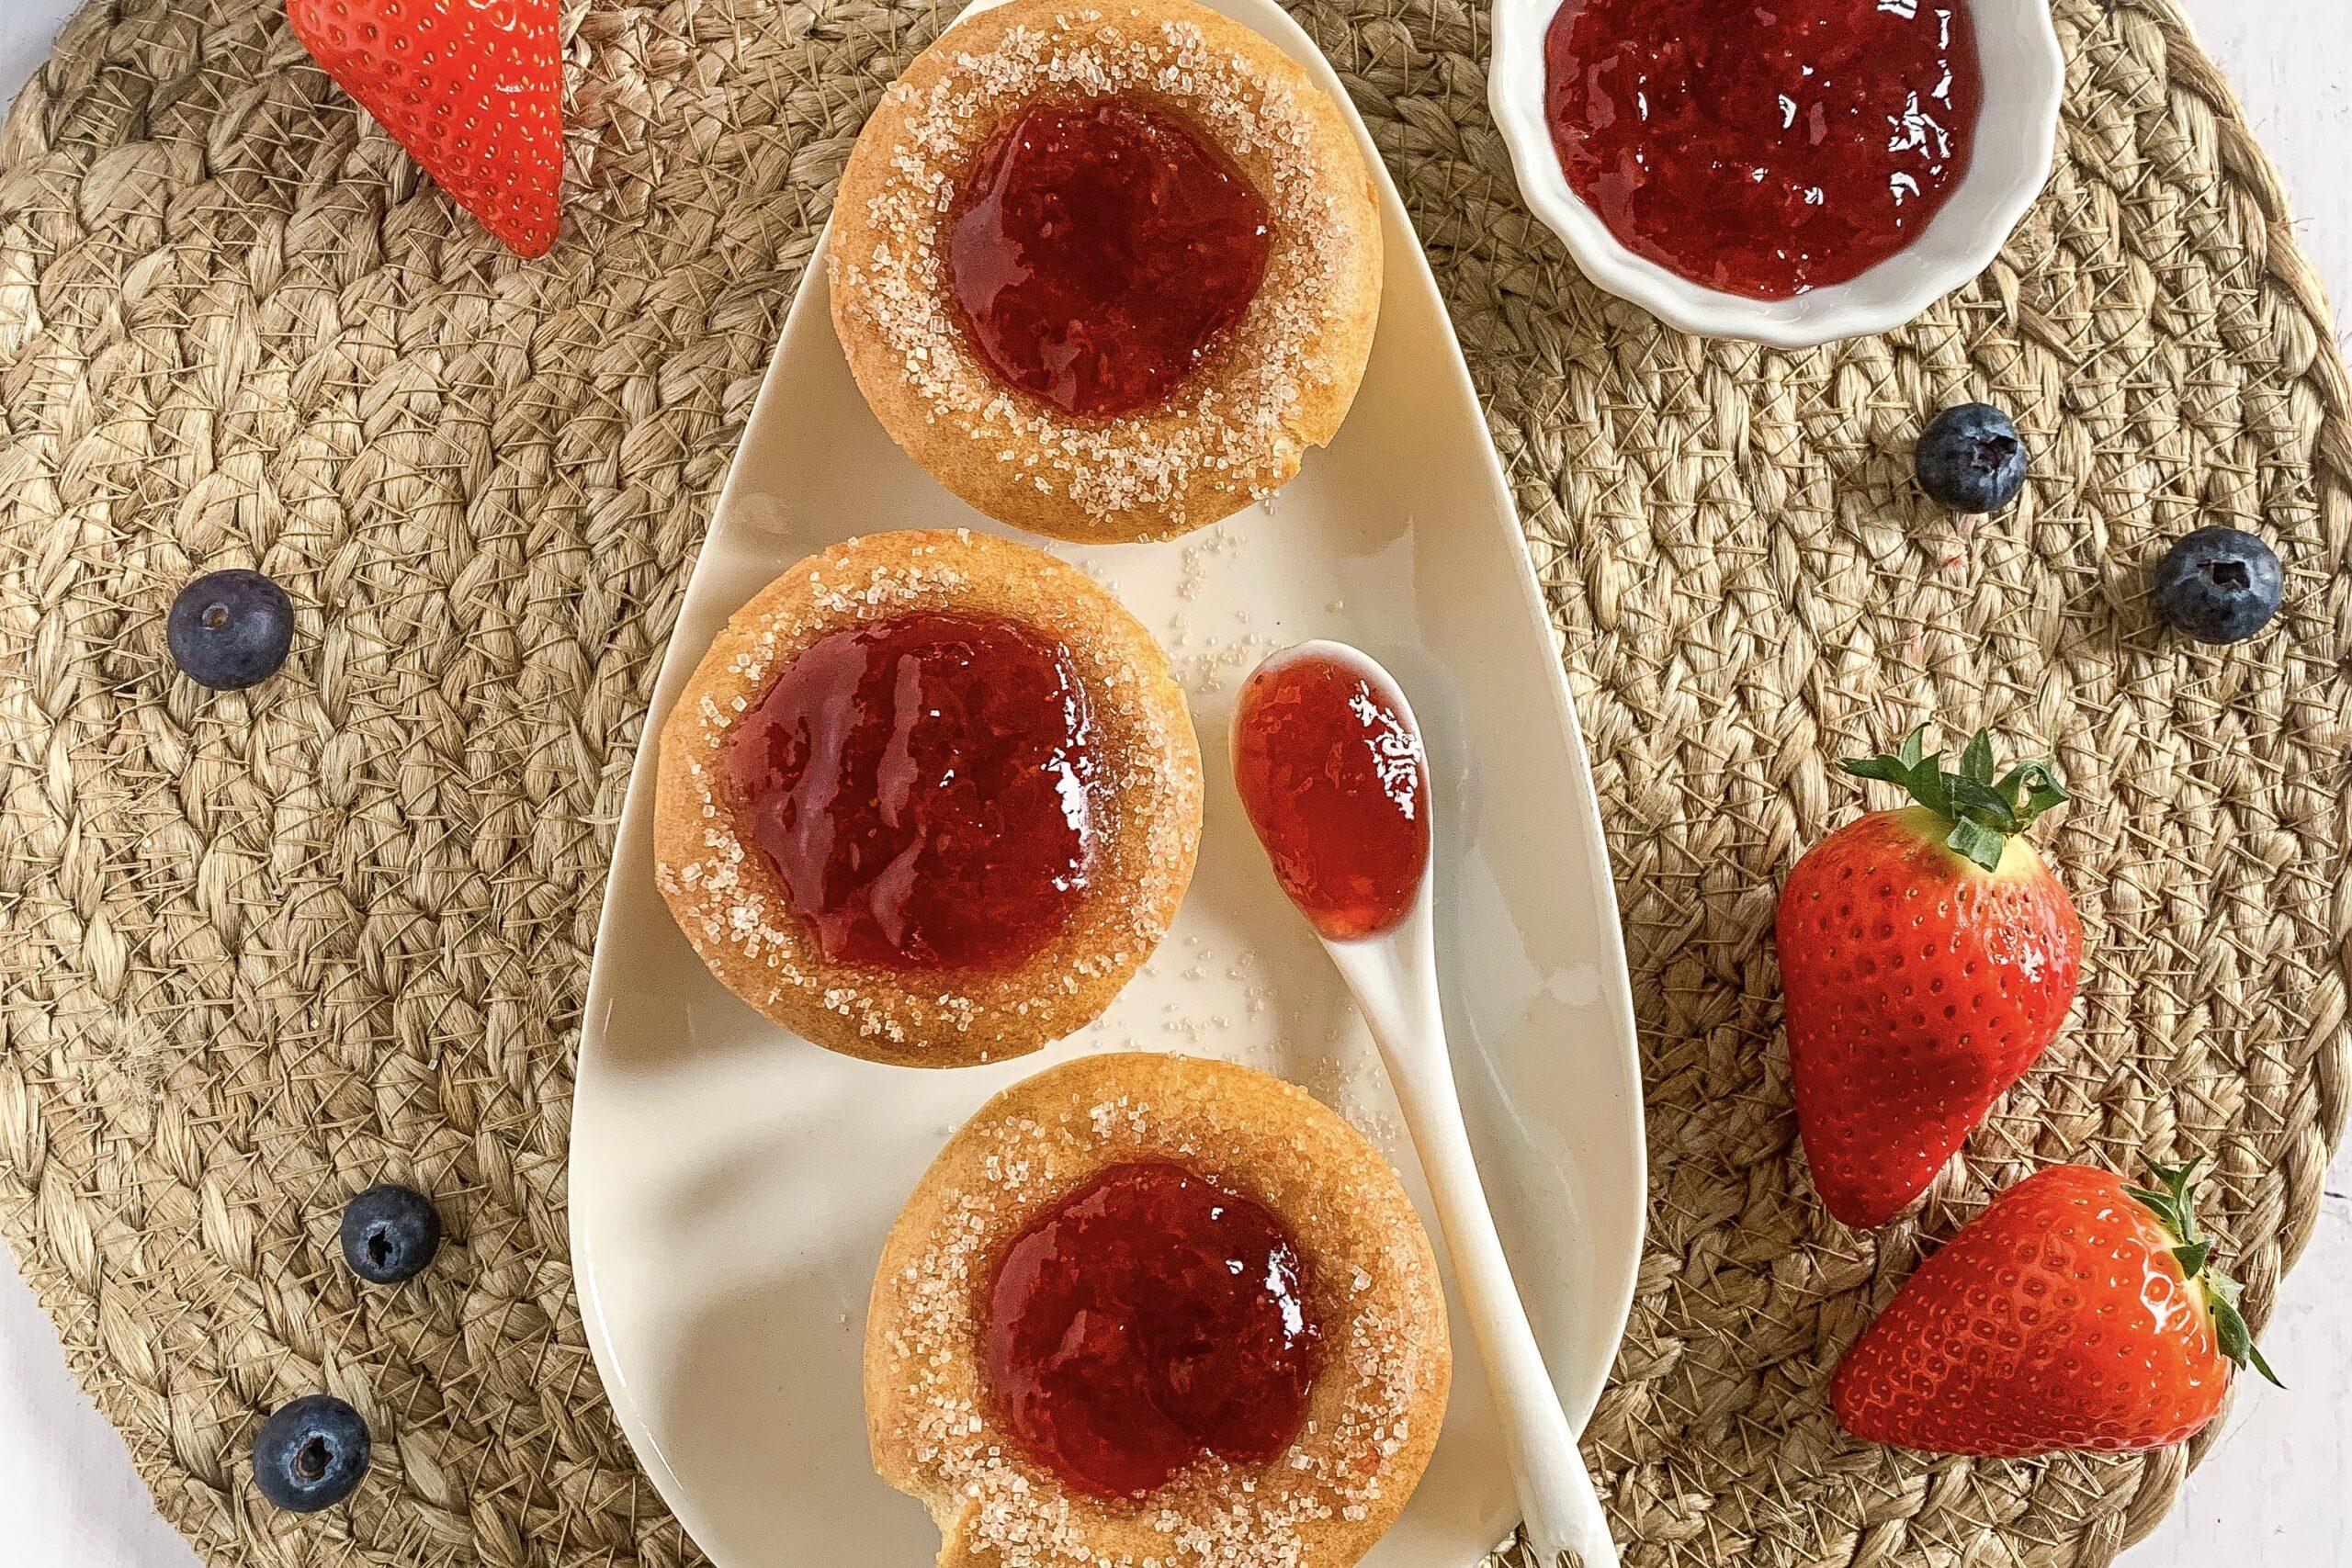 Verantwoorde donut cups met vruchtenspread